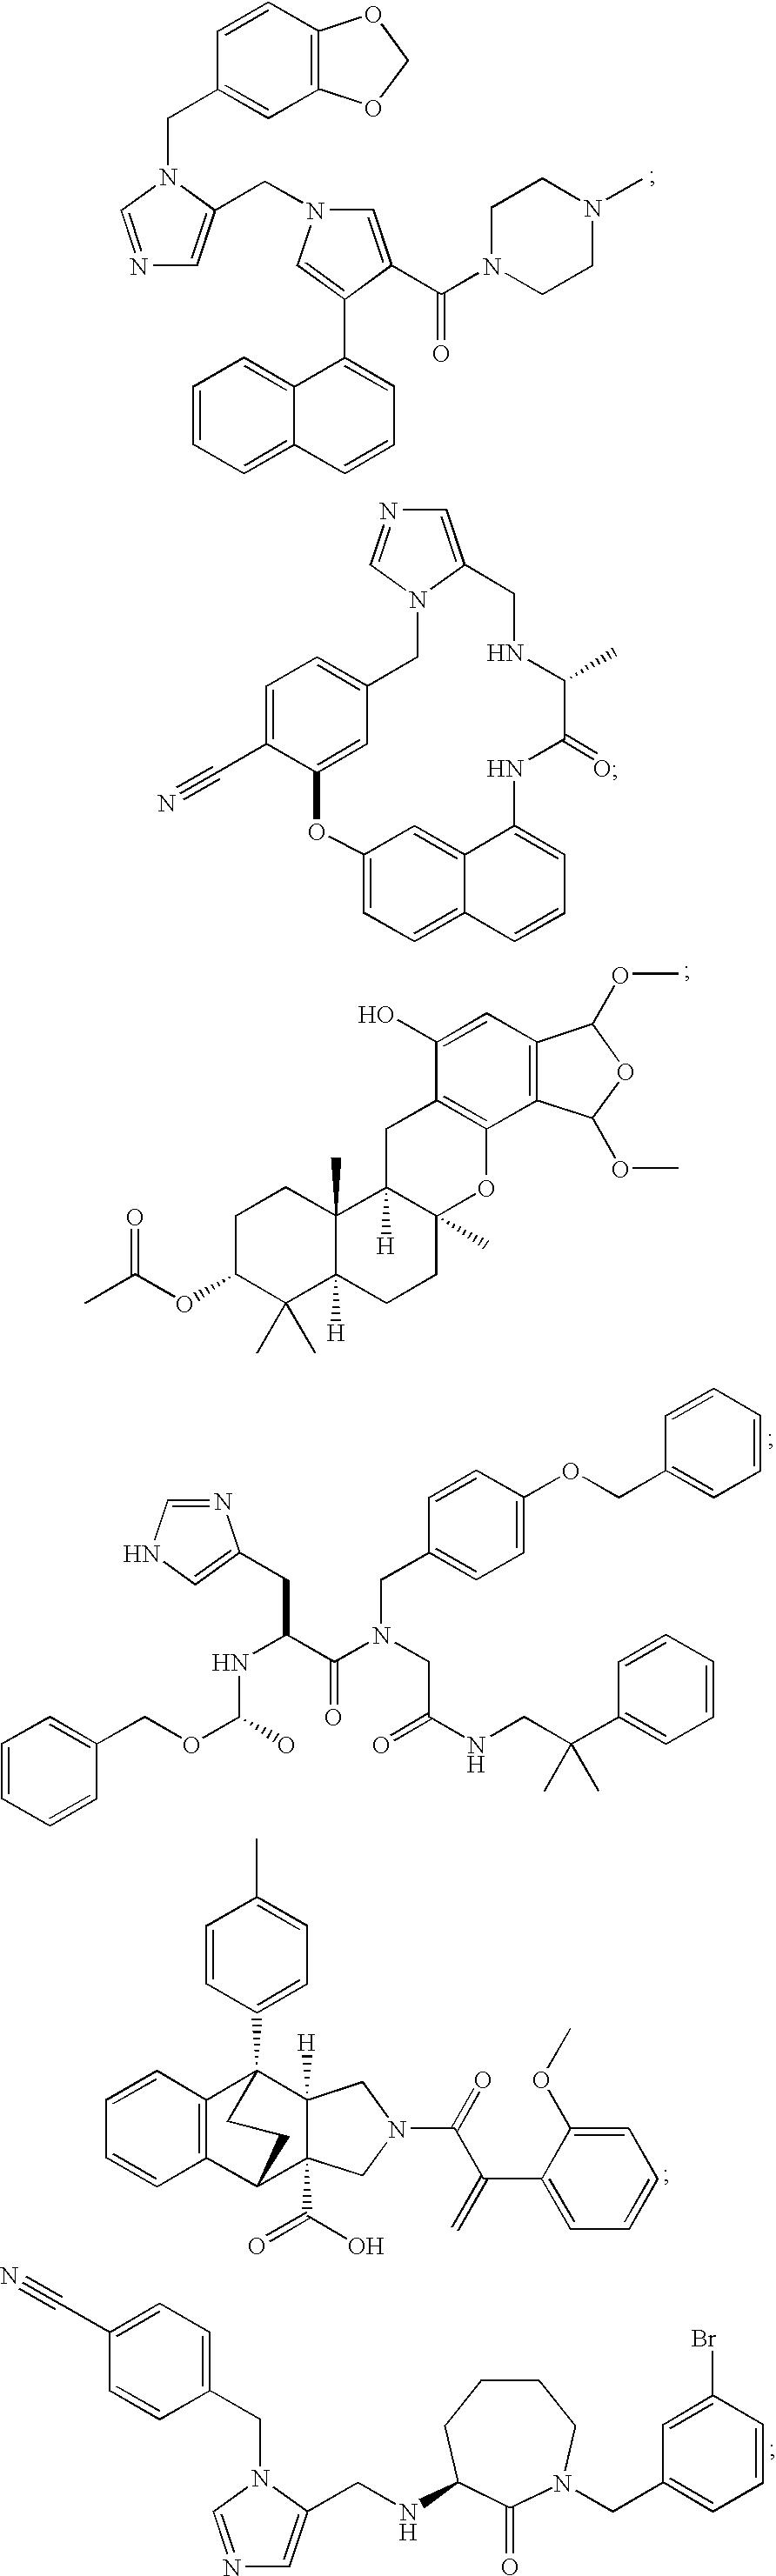 Figure US20080090242A1-20080417-C00132